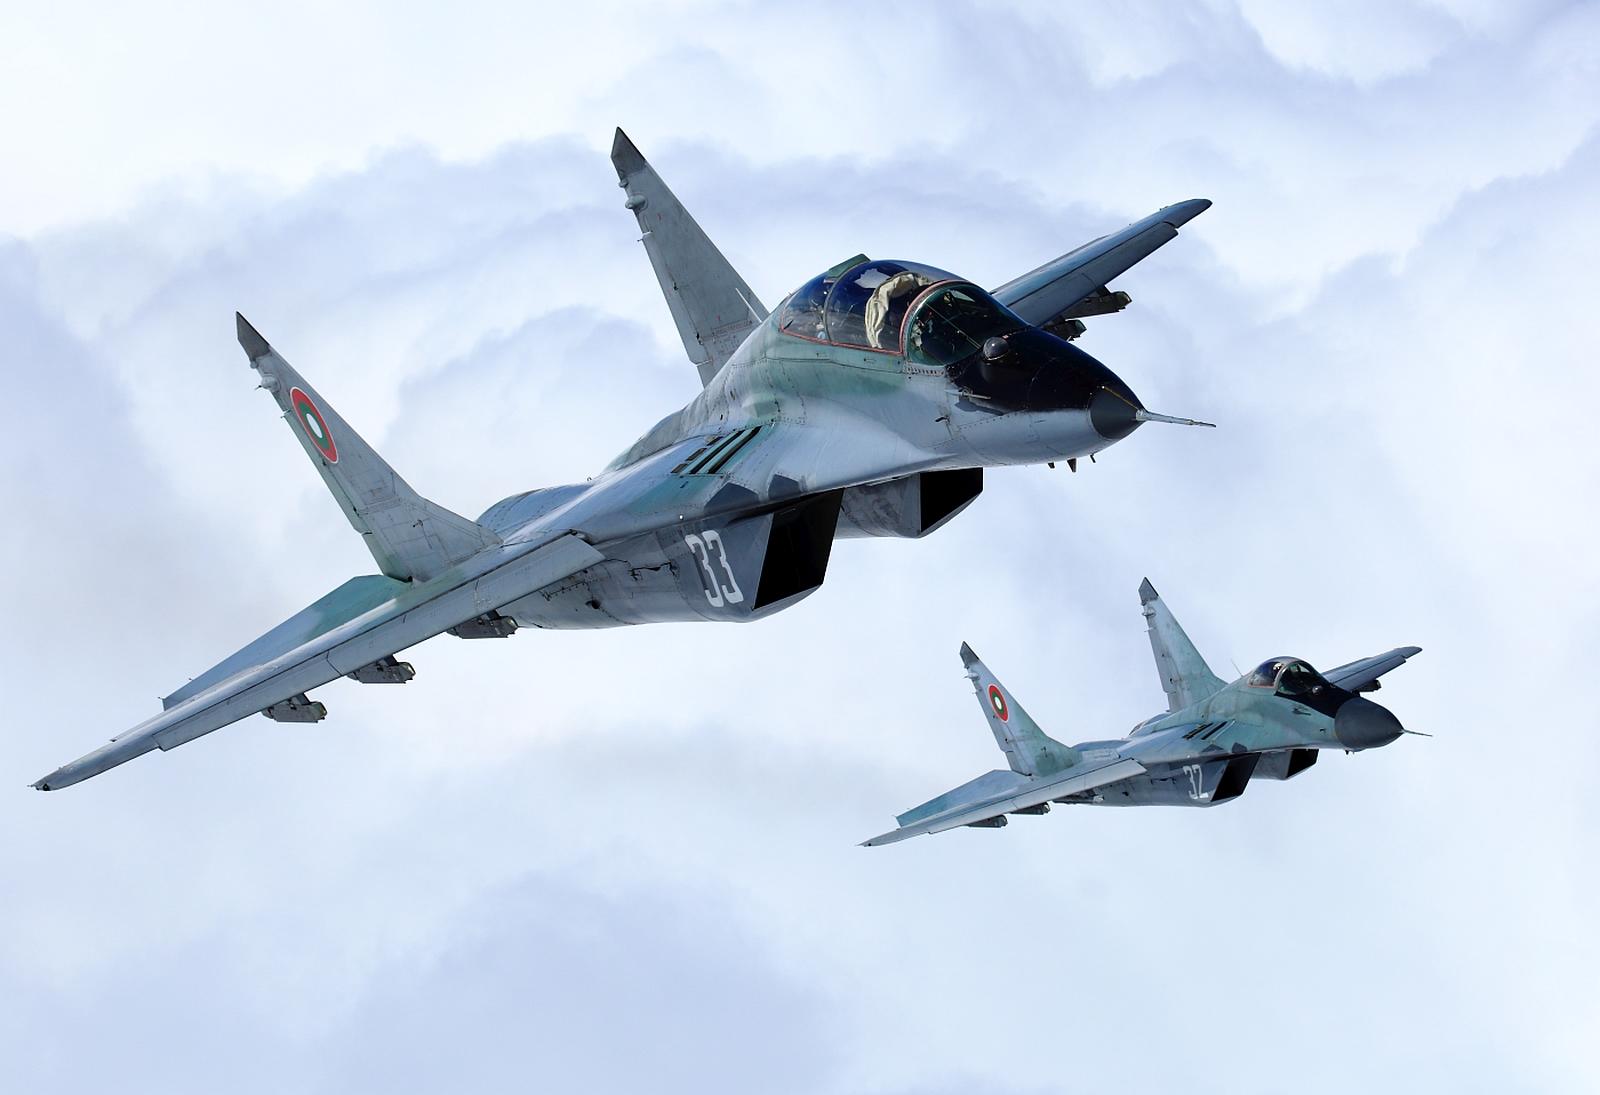 """Истребители МиГ-29 ВВС Болгарии в полете (учебно-боевой МиГ-29УБ с бортовым номером """"33"""" и одноместный МиГ-29 с номером """"32"""")."""